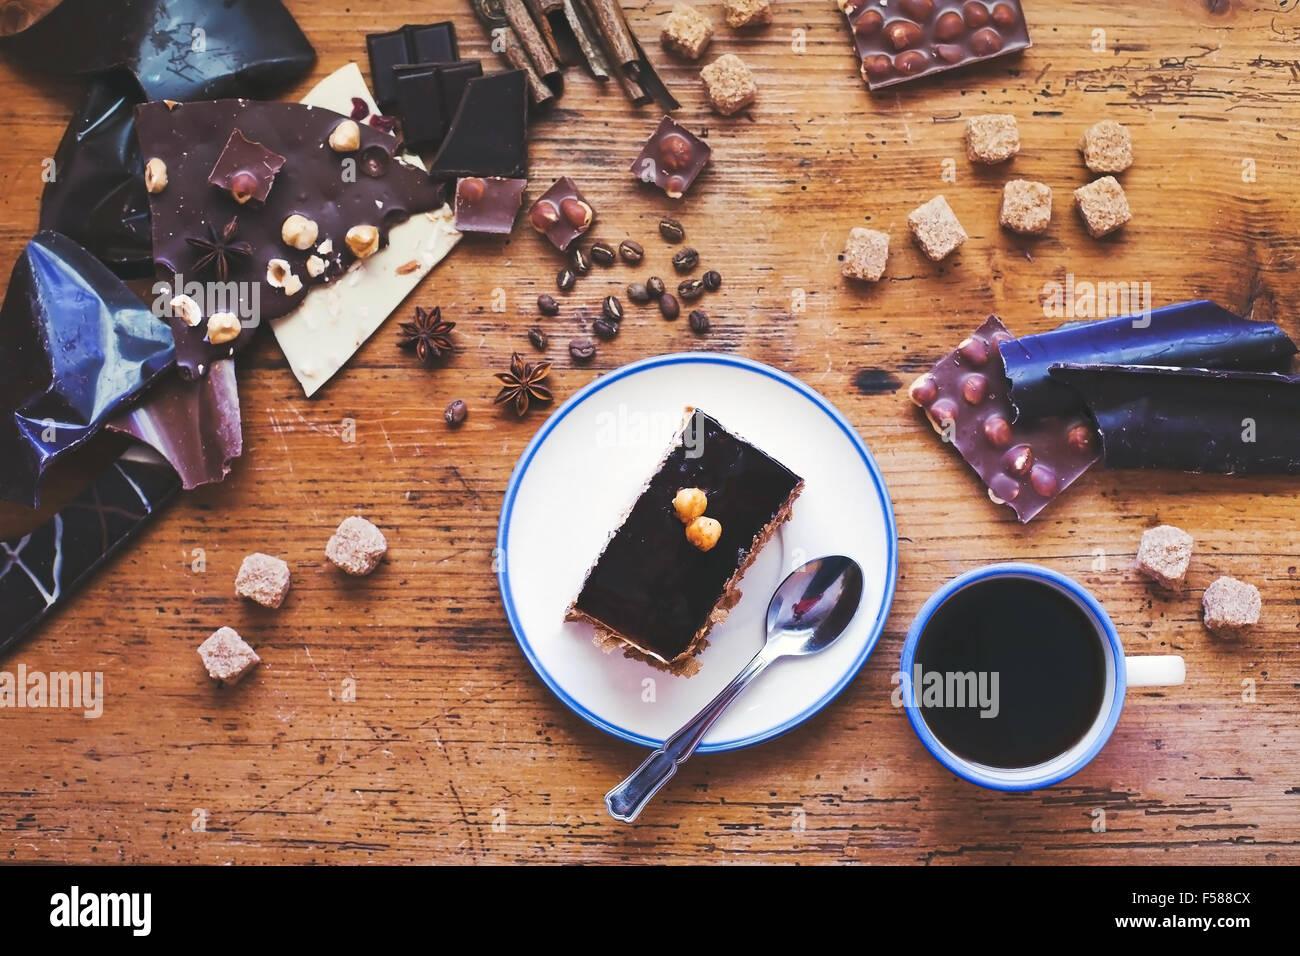 Tarta de chocolate y café en la mesa, de postre dulce Imagen De Stock